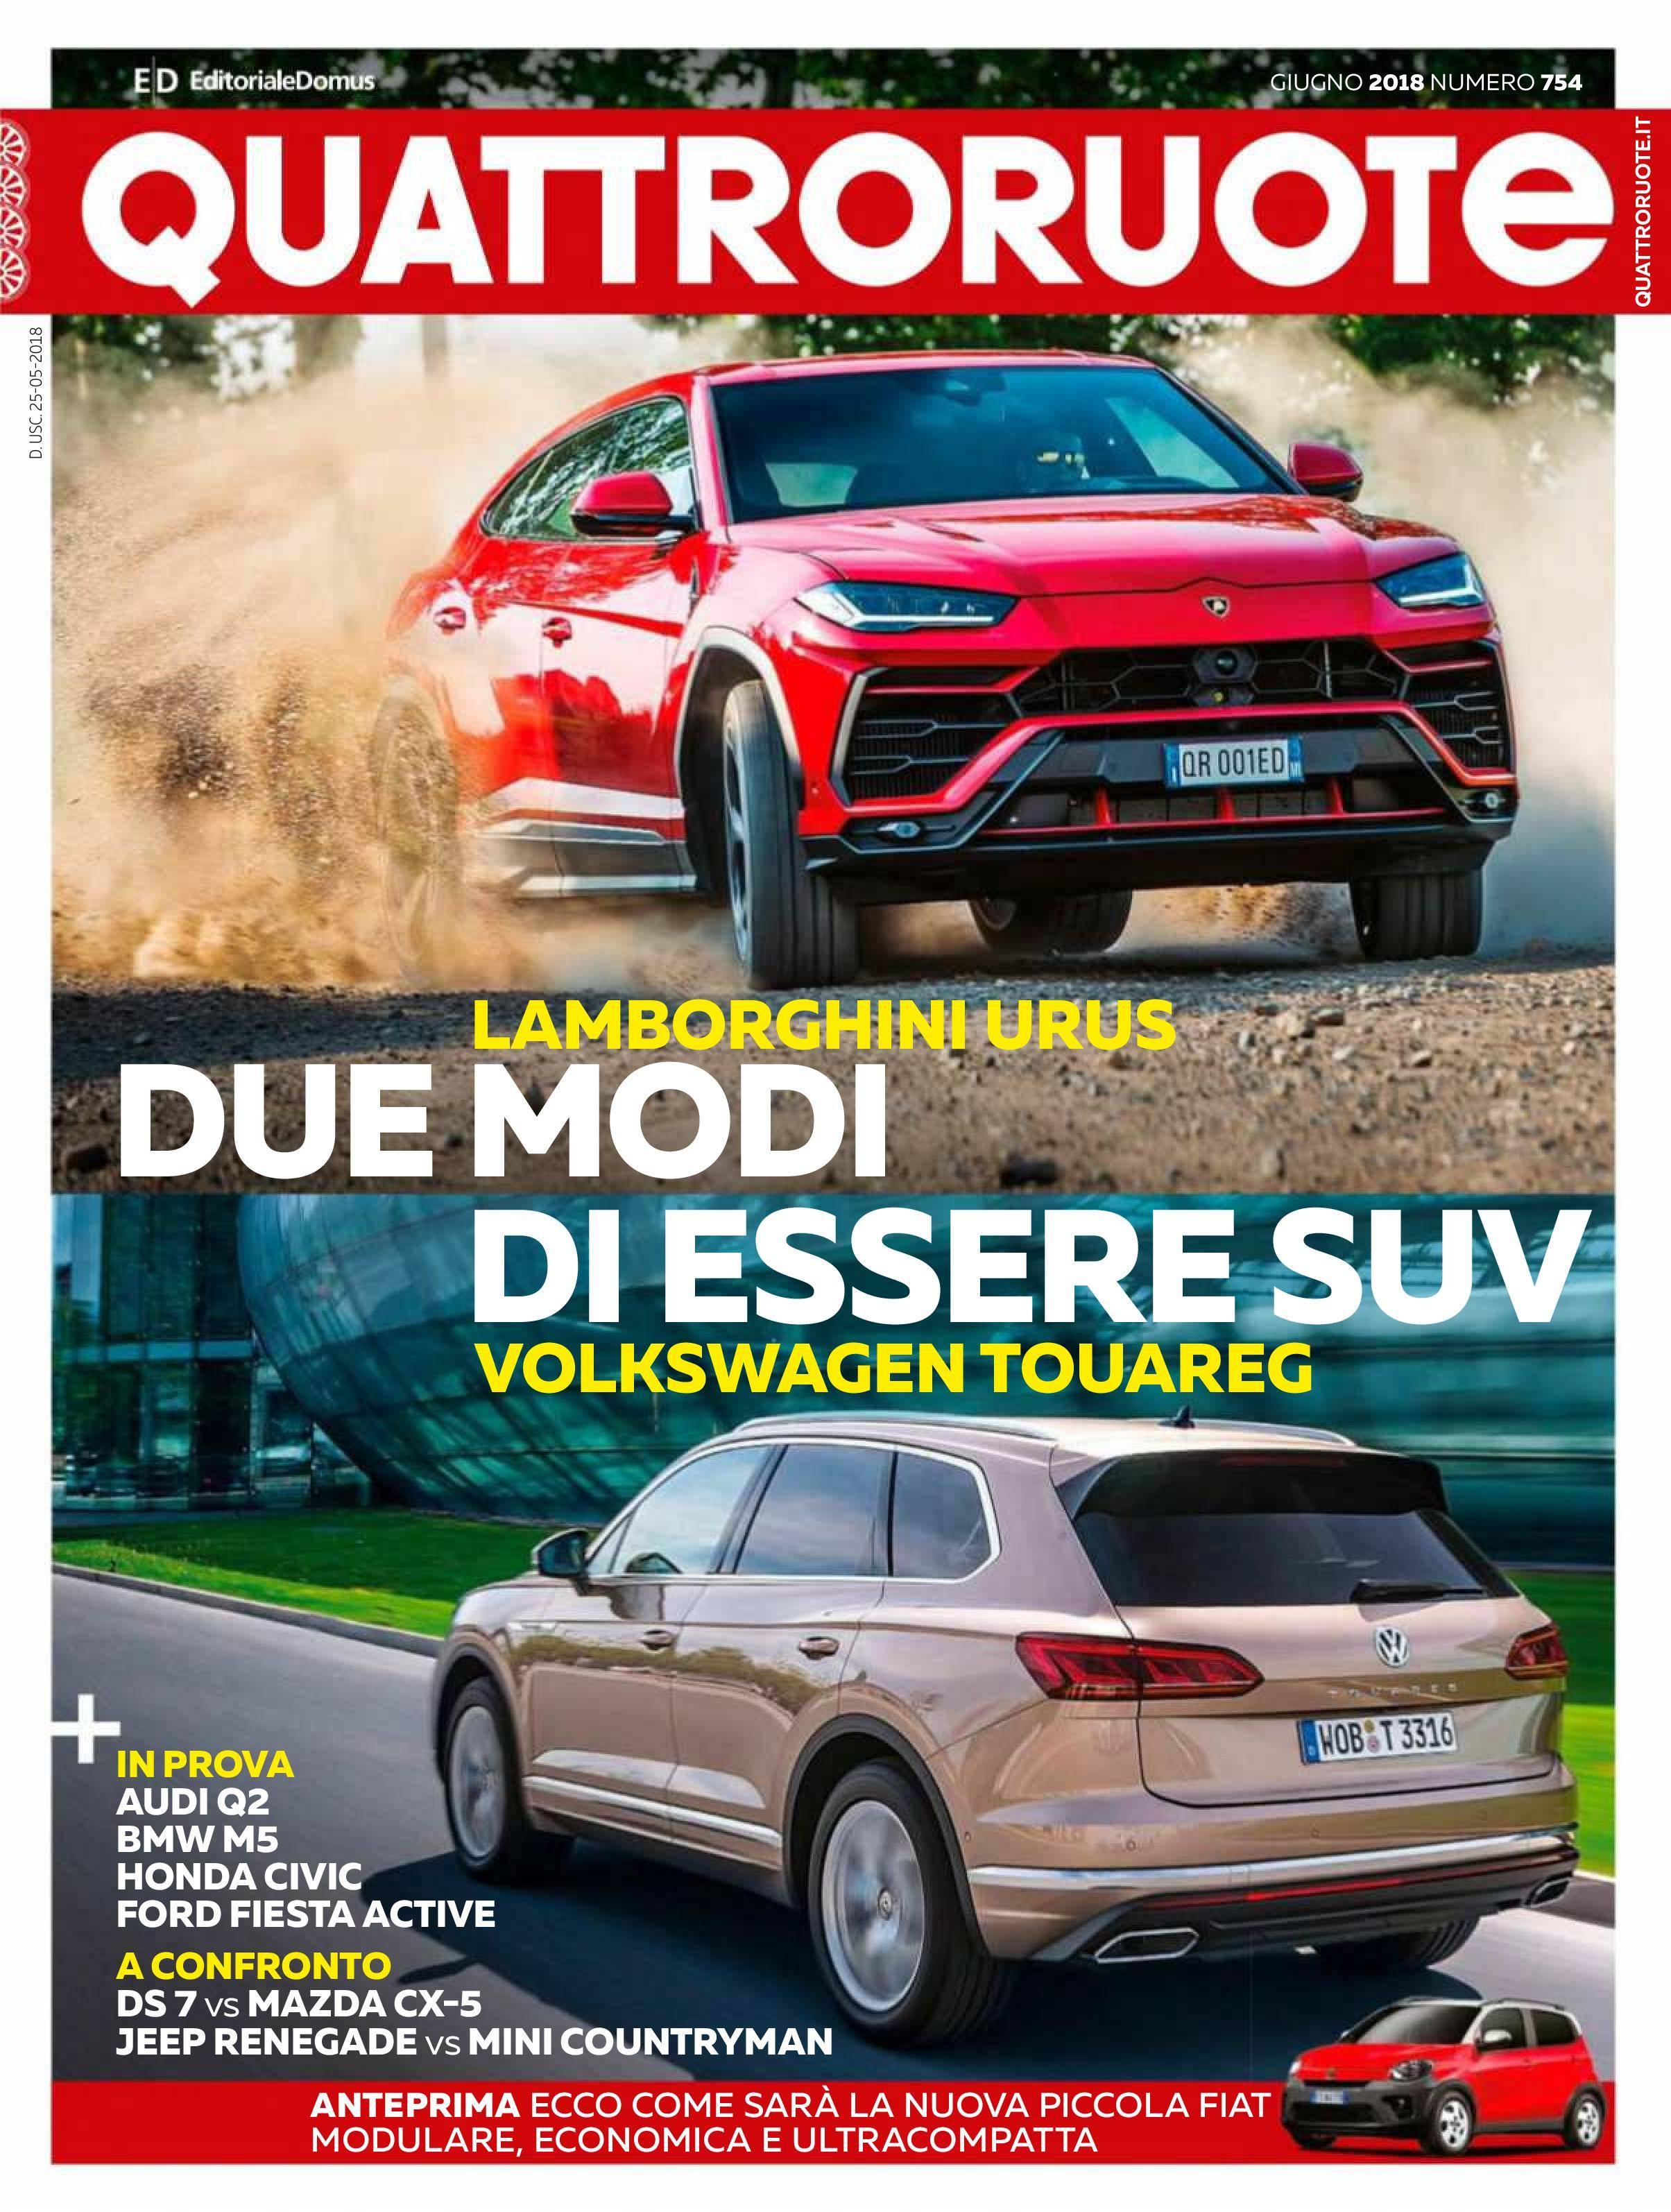 Quattroruote Italia - giugno 2018